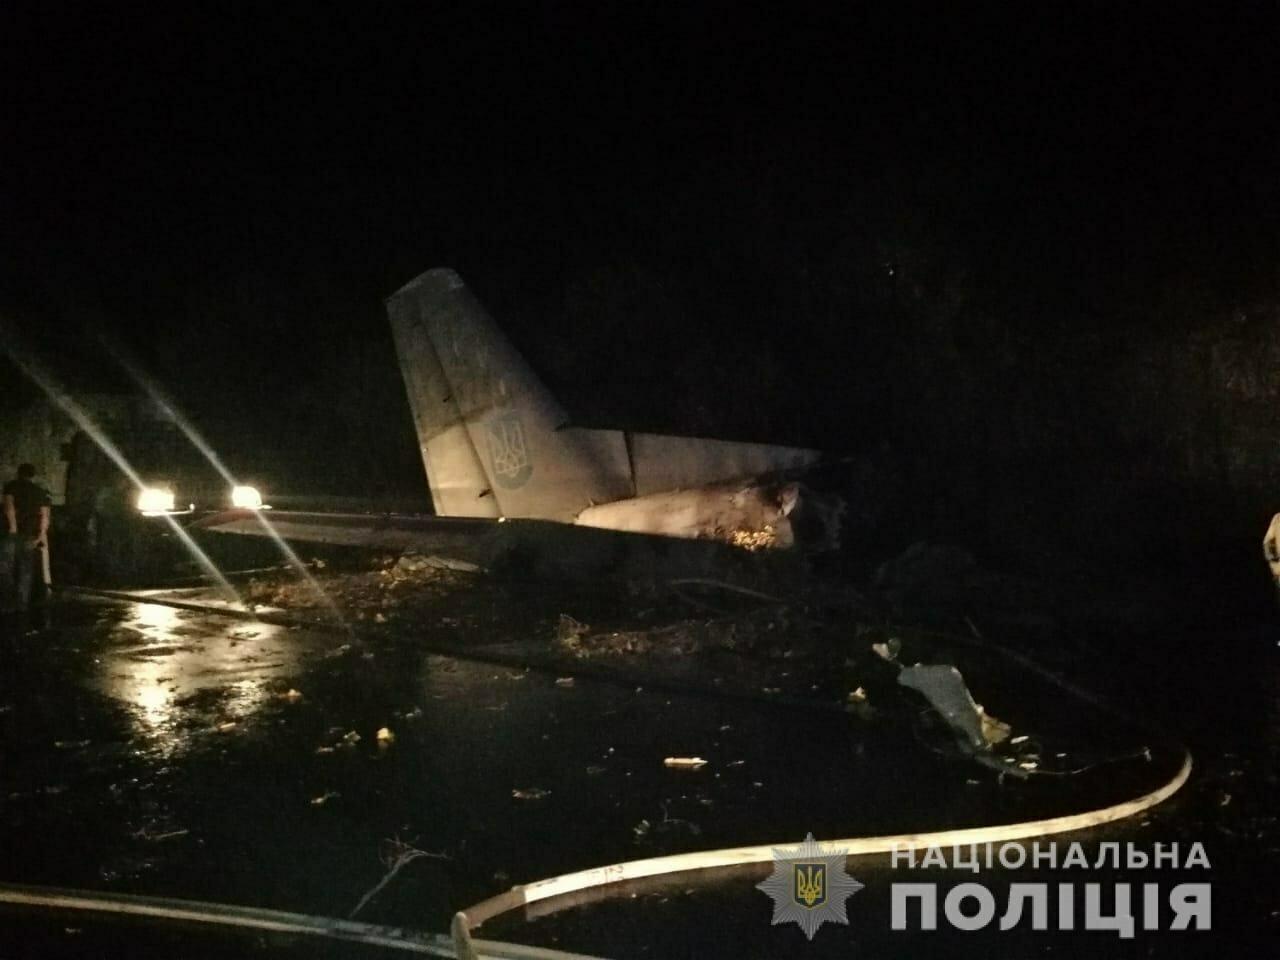 При крушении самолета с курсантами выжили 2 человека, - губернатор Харьк...